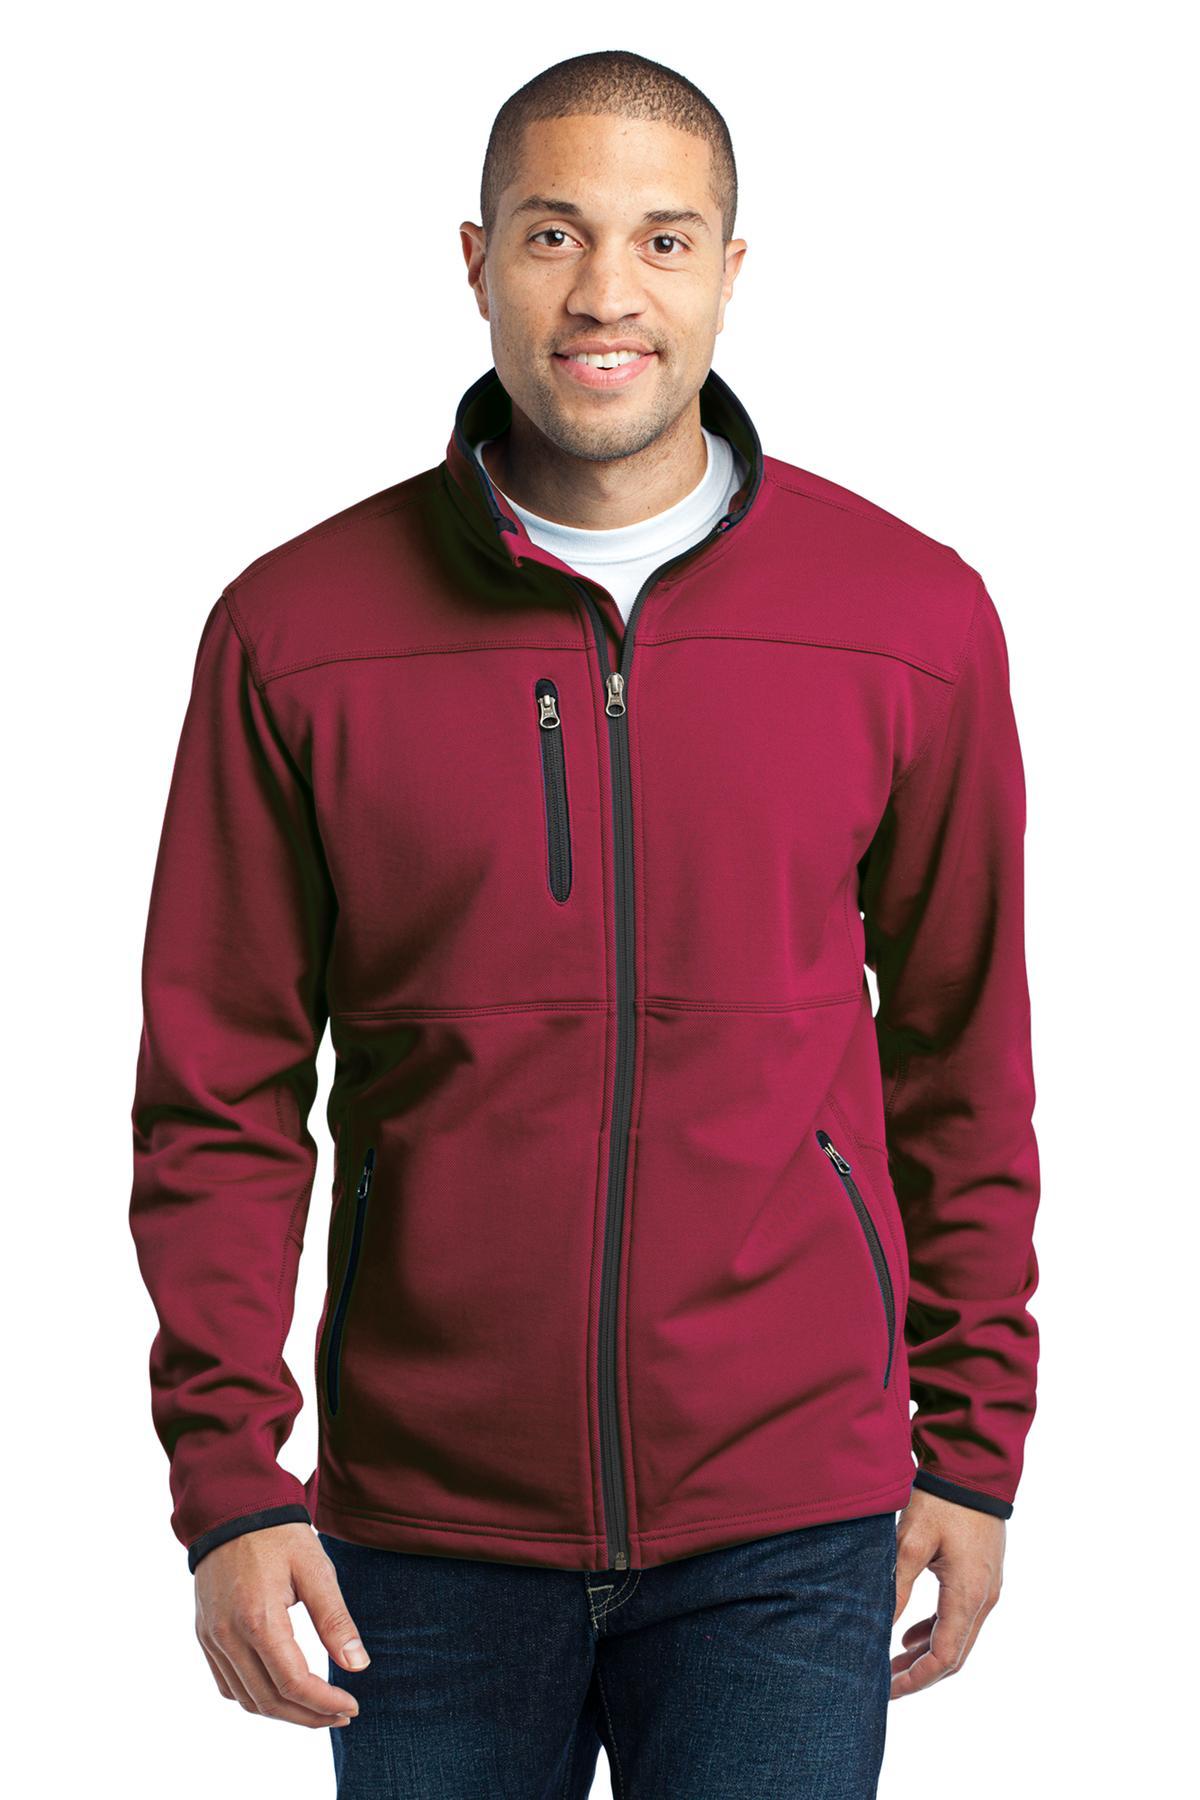 Outerwear-Polyester-Fleece-26